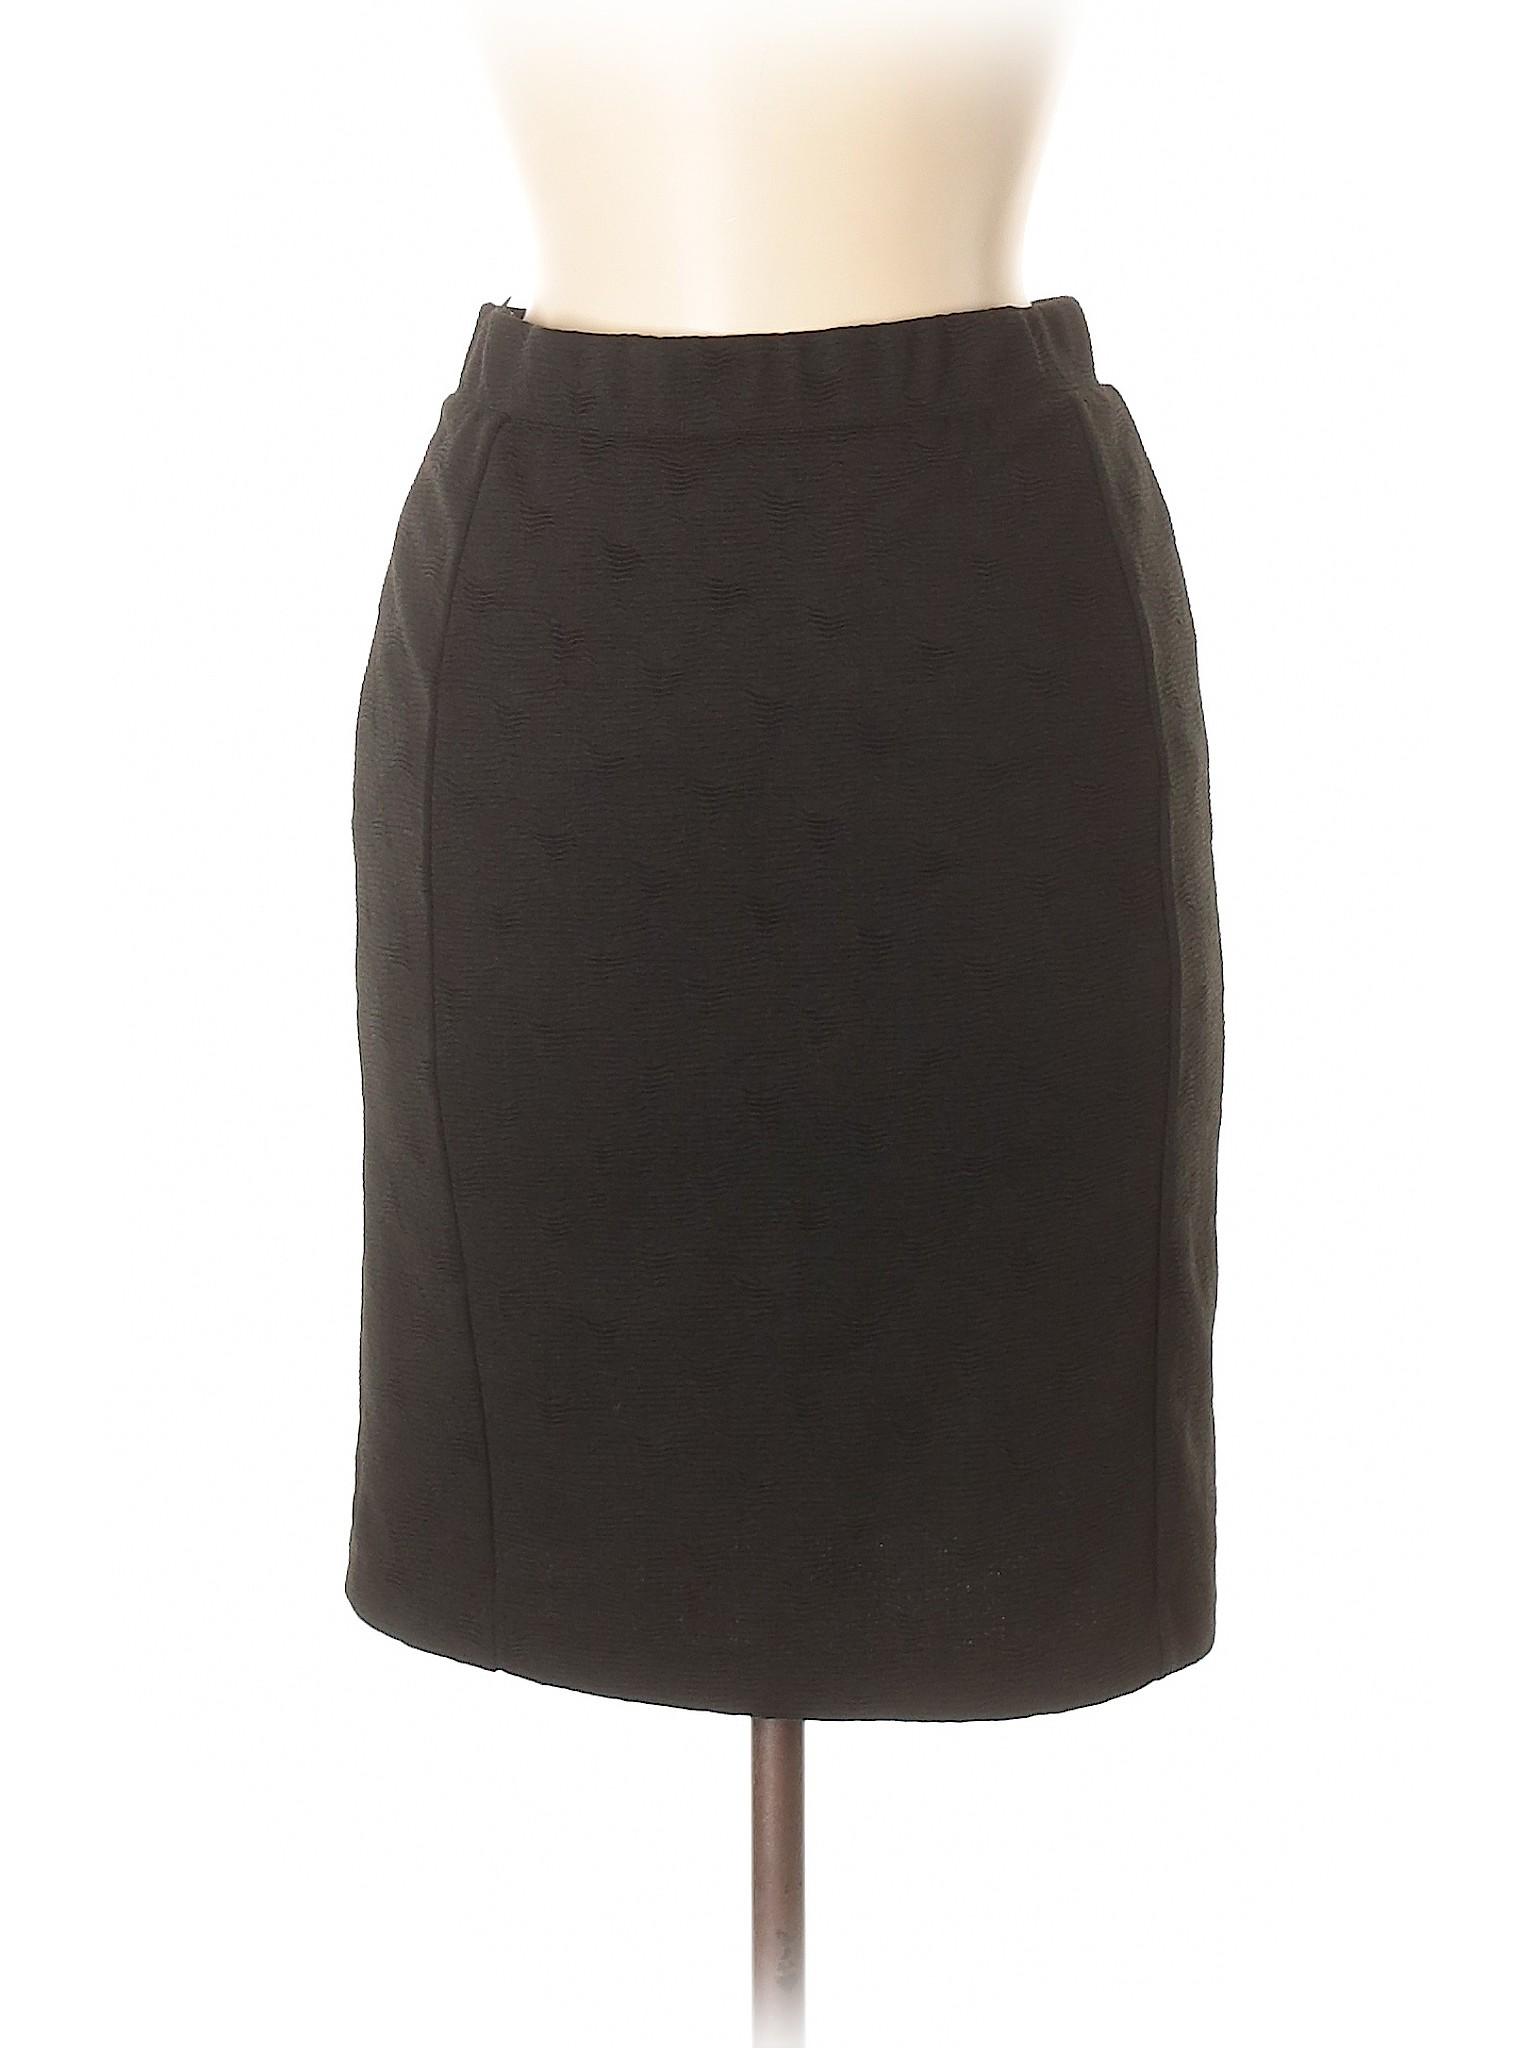 Boutique Boutique Skirt Skirt Boutique Casual Skirt Boutique Casual Casual F4xpFwzr